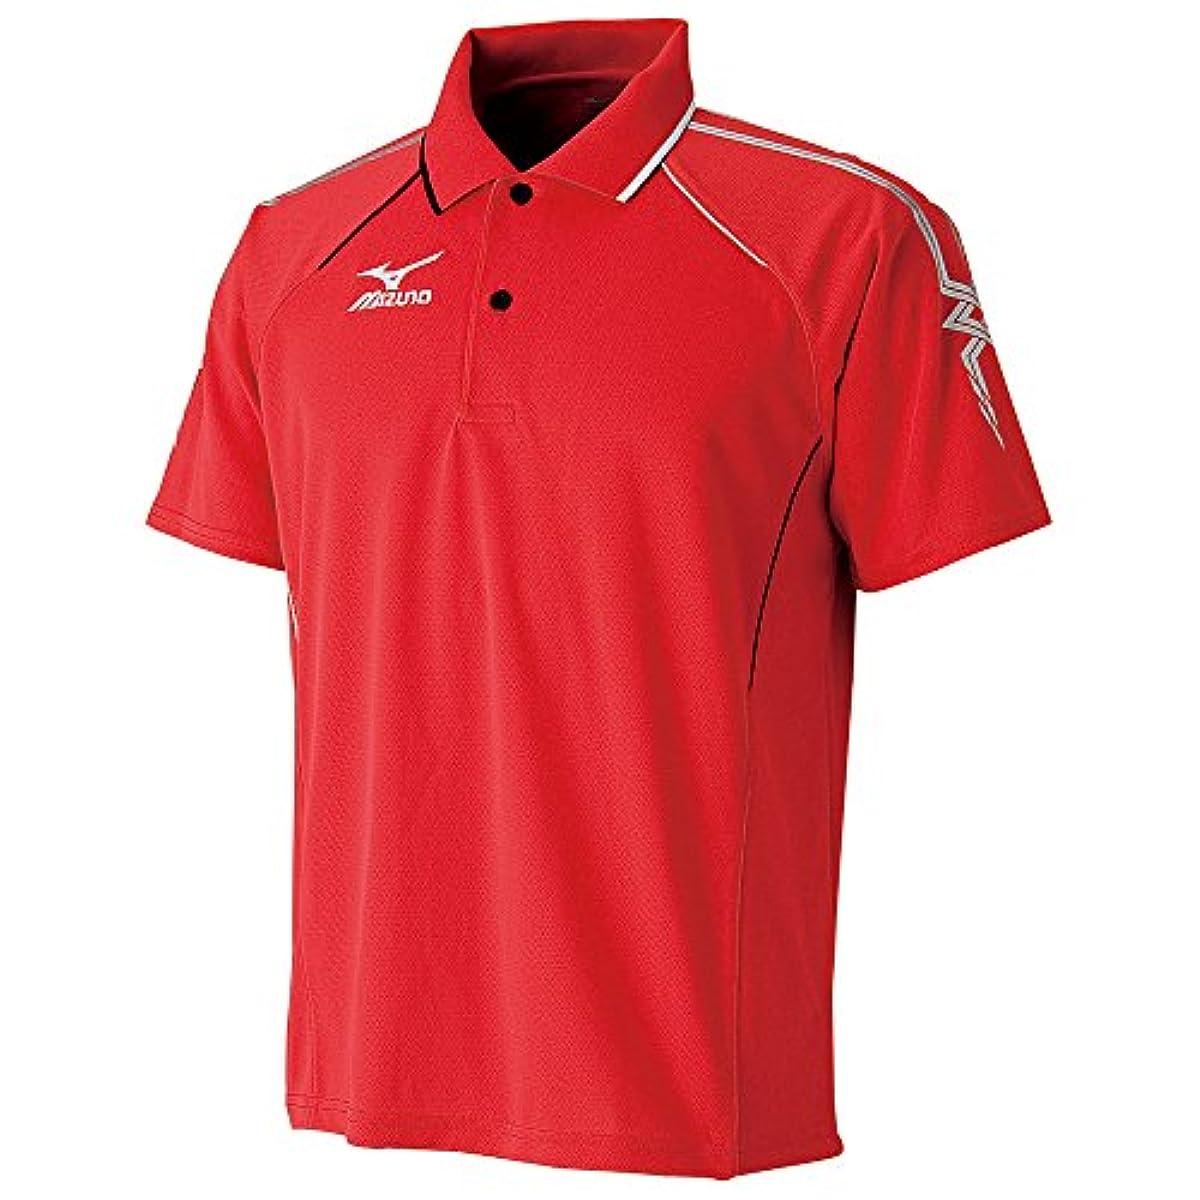 [해외] (미즈노)MIZUNO 탁구 웨어 게임 셔츠 82JA5010[유니]-82JA5010 (2015-02-13)